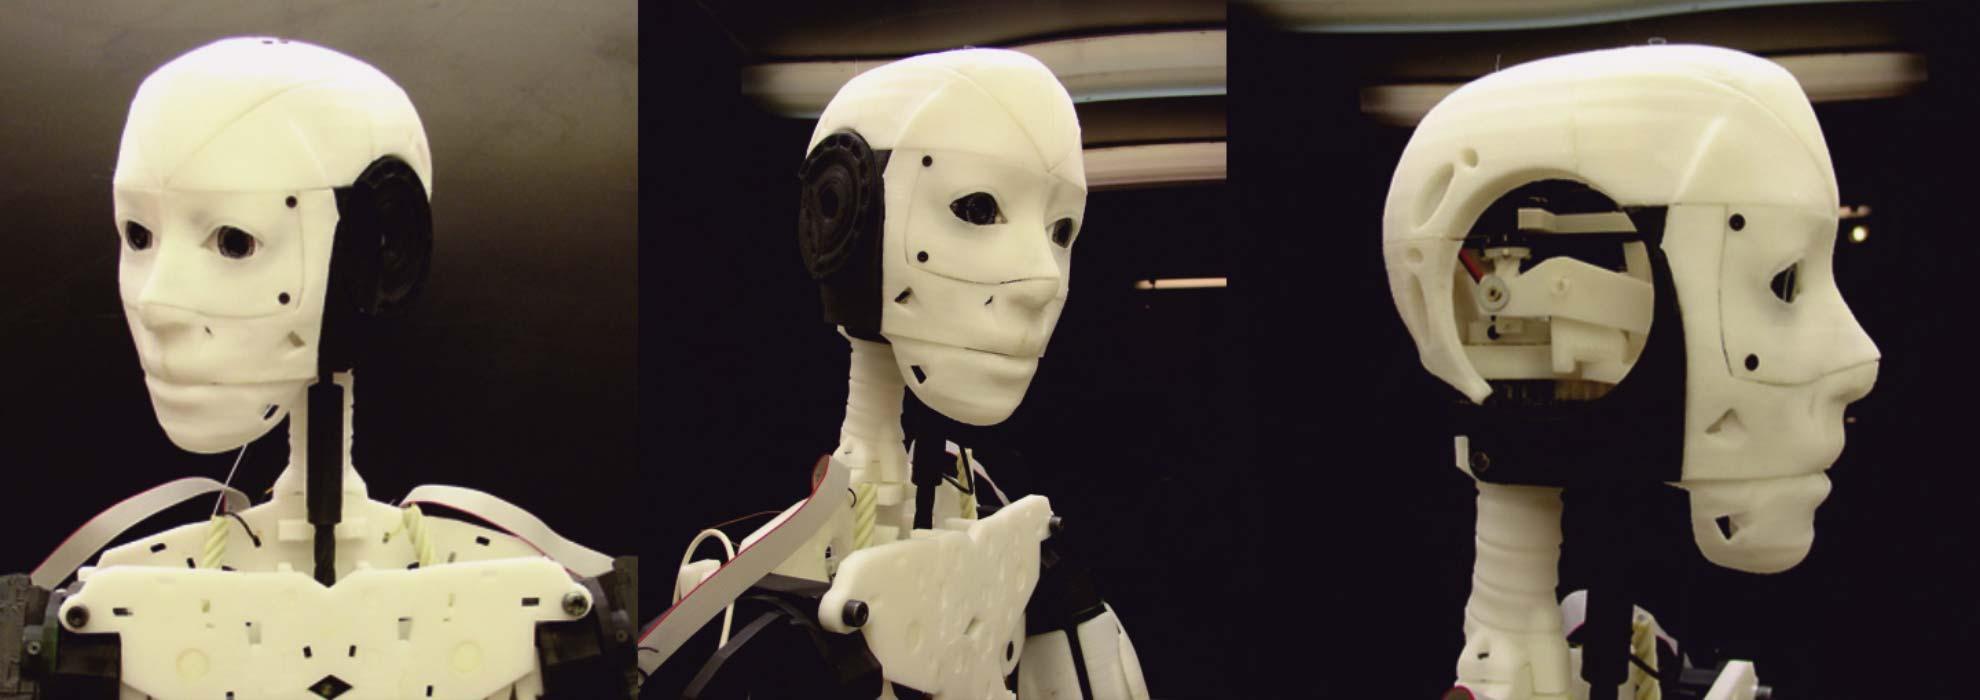 Робот в виде человека